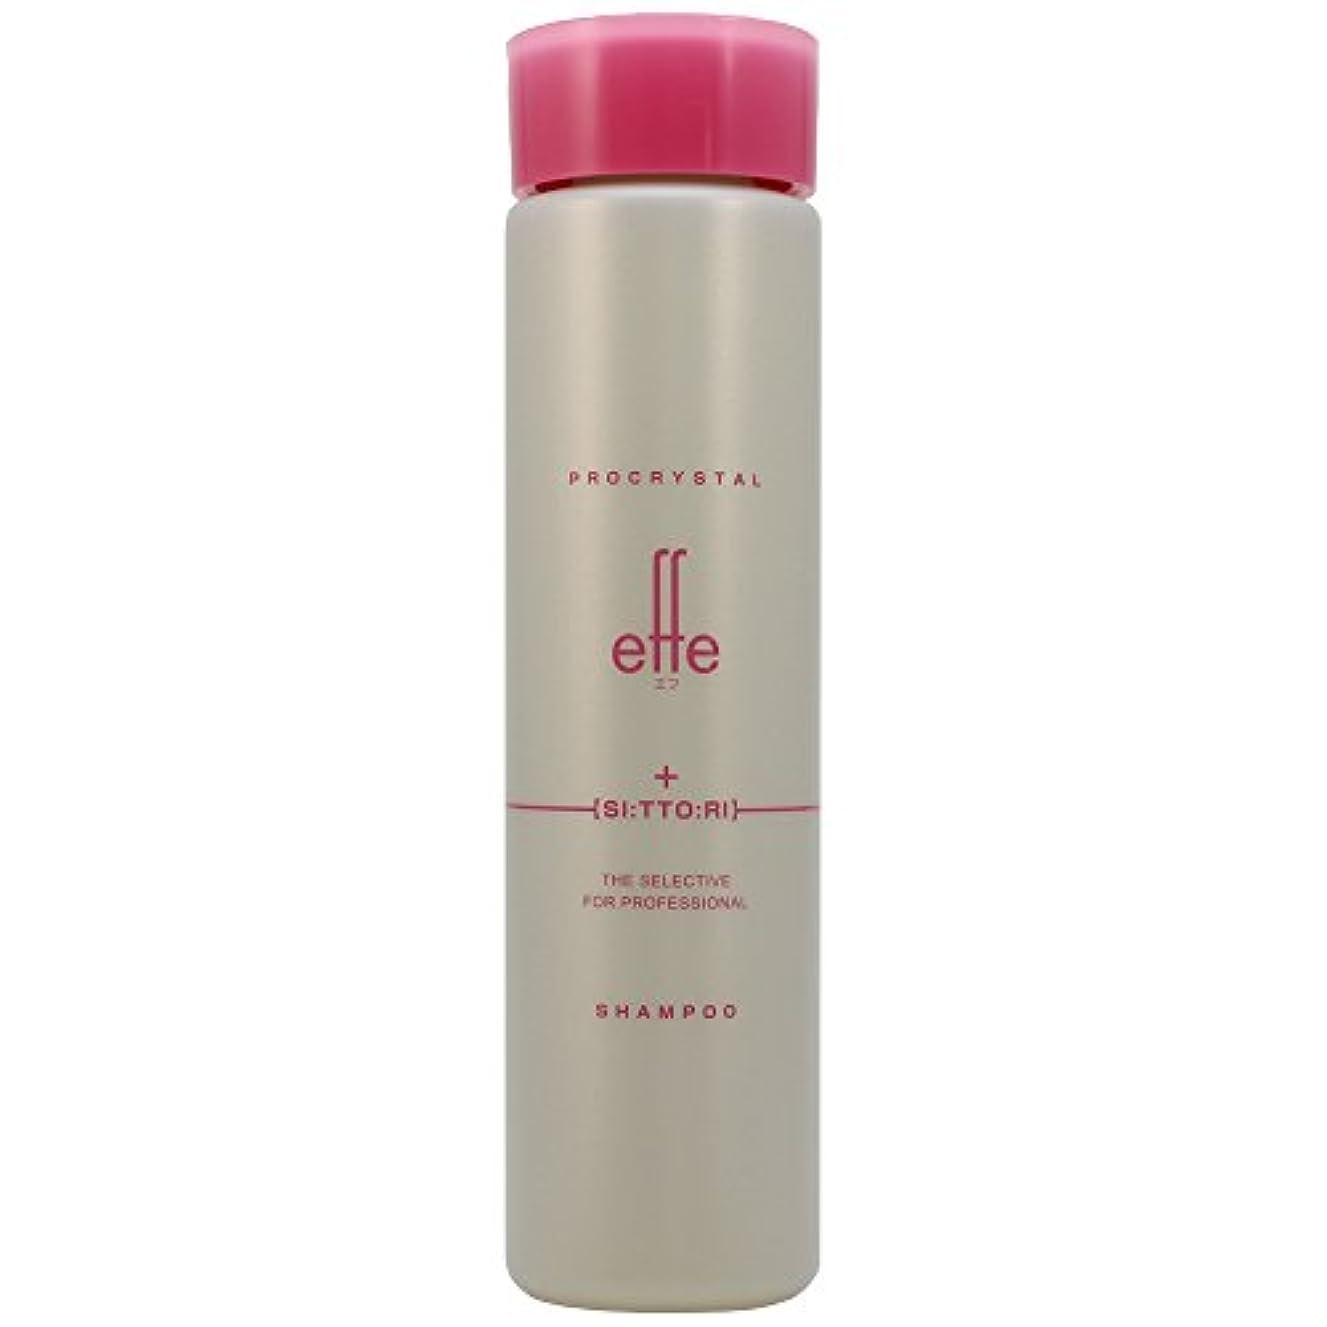 反動セーブ賢いアペティート化粧品 プロクリスタル effe (エフ) シャンプー しっとり250ml